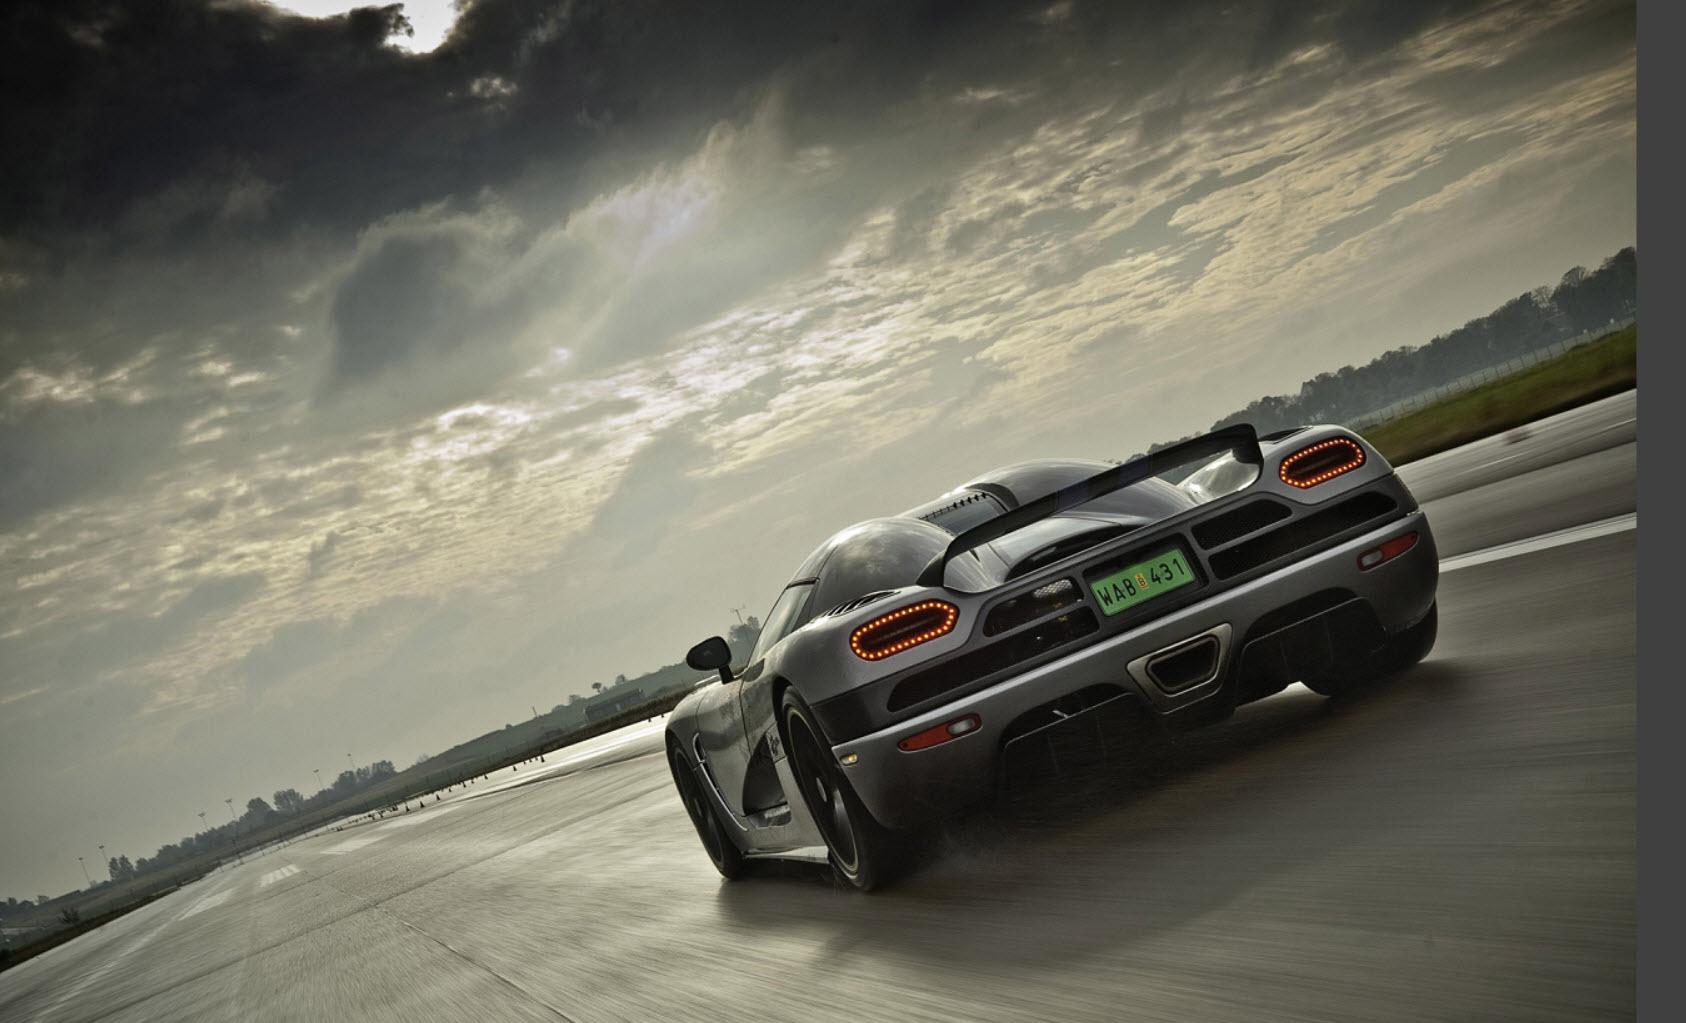 World Best New Sports Car At Maximum Speed  HD Widescreen Wallpaper 2013  2014 | ItsMyideas : Great Minds Discuss Ideas